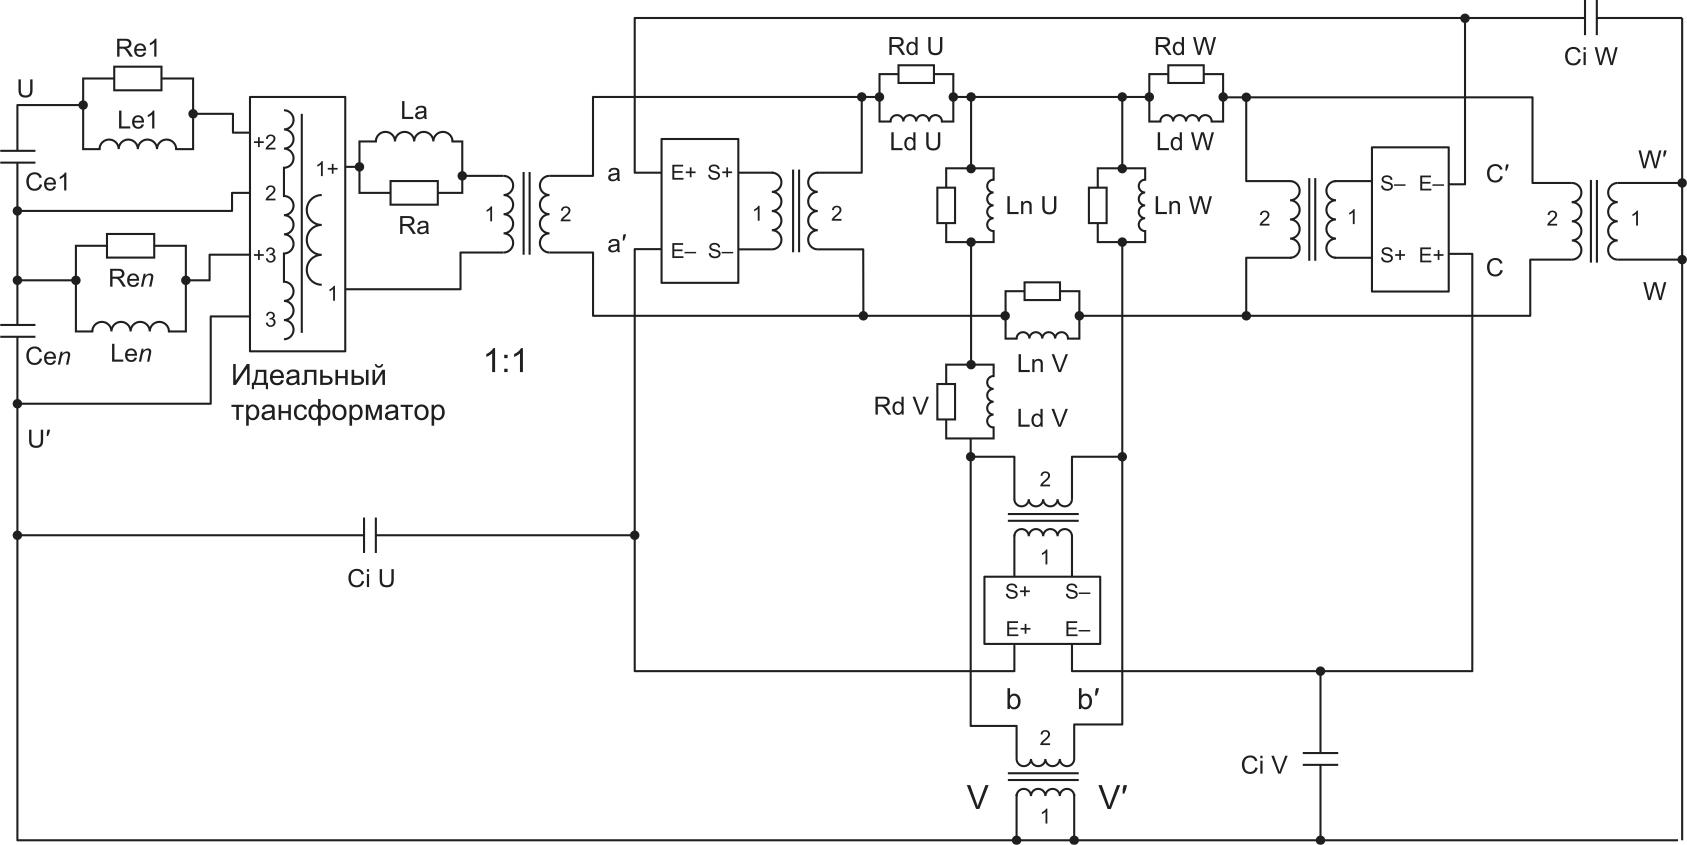 Полная электрическая схема. Добавлены межобмоточные емкости Ci U, Ci V и Ci W